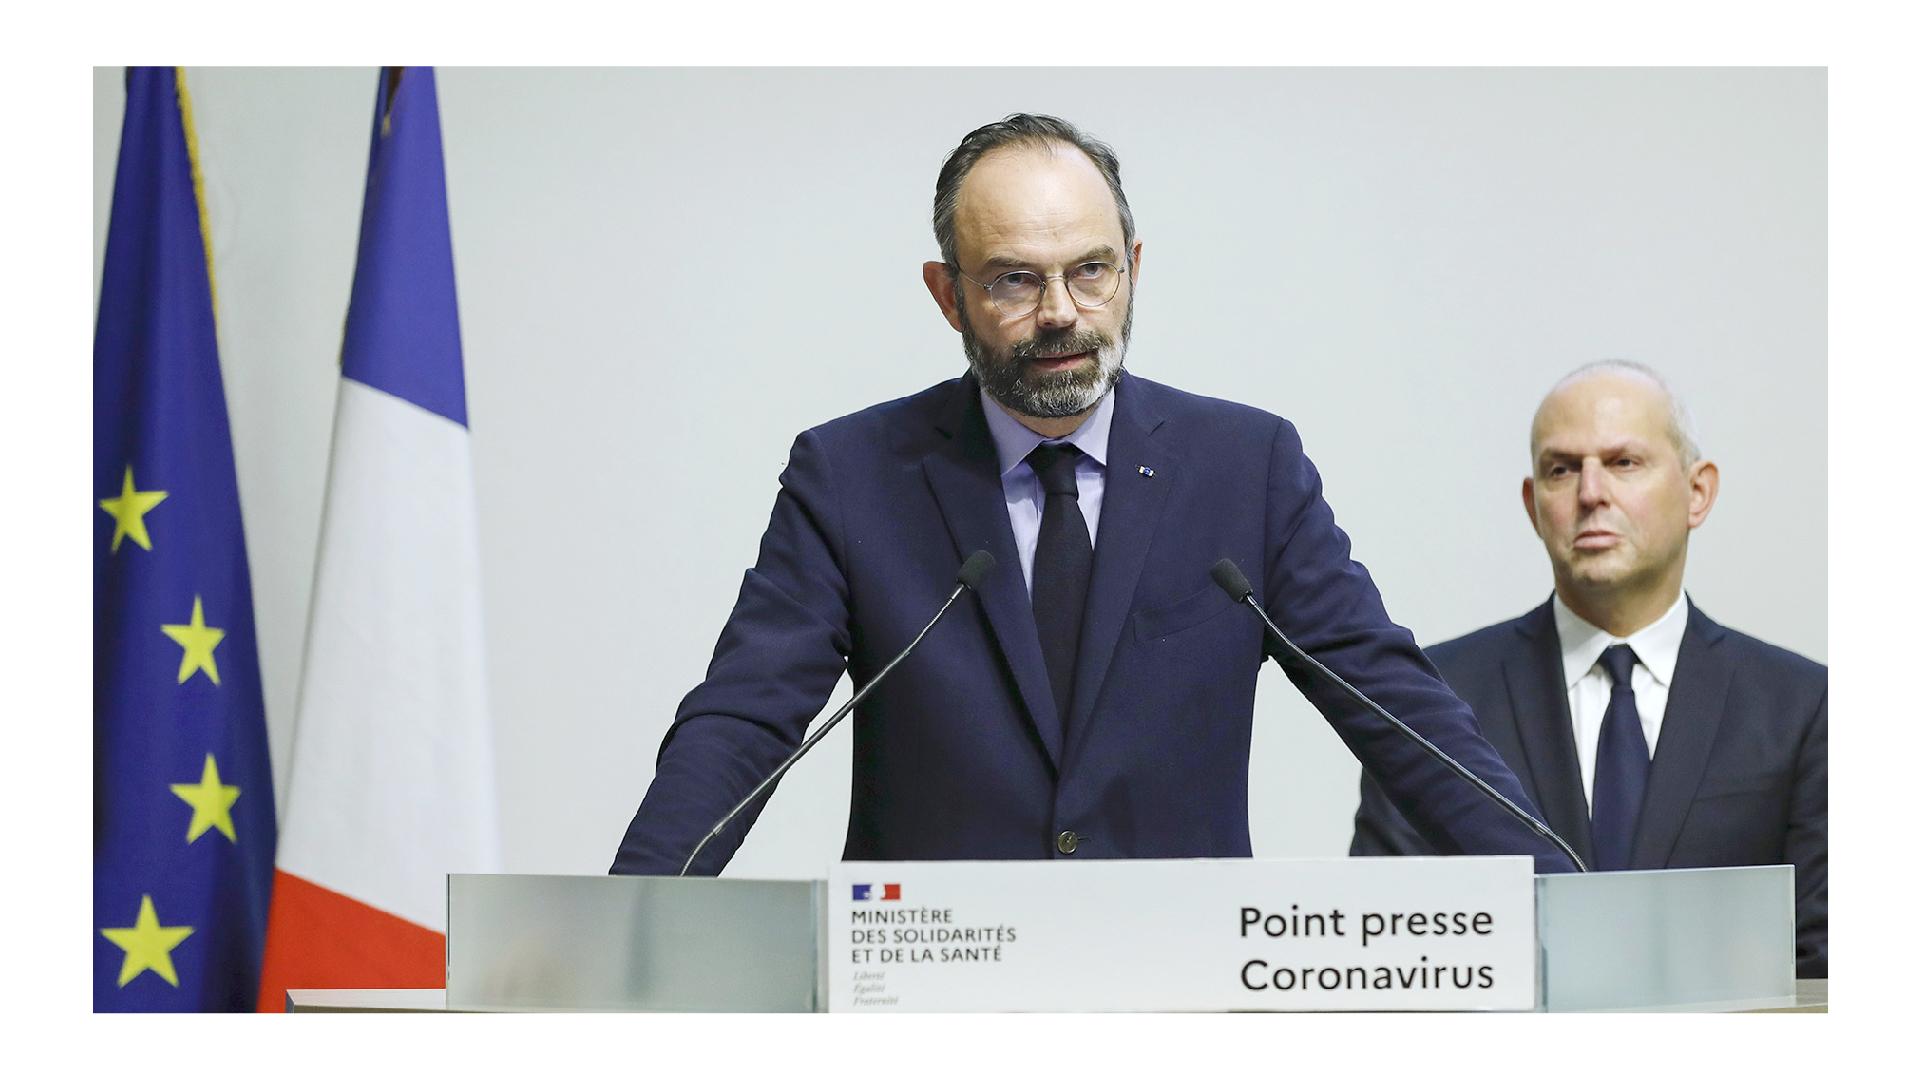 """Édouard Philippe, le 1er ministre durant un point presse lié au coronavirus en mars 2020, le nouveau logotype du Gouvernement en premier plan, ainsi que l'utilisation de la typographie Marianne pour écrire le mot : """"Point presse Coronavirus"""""""